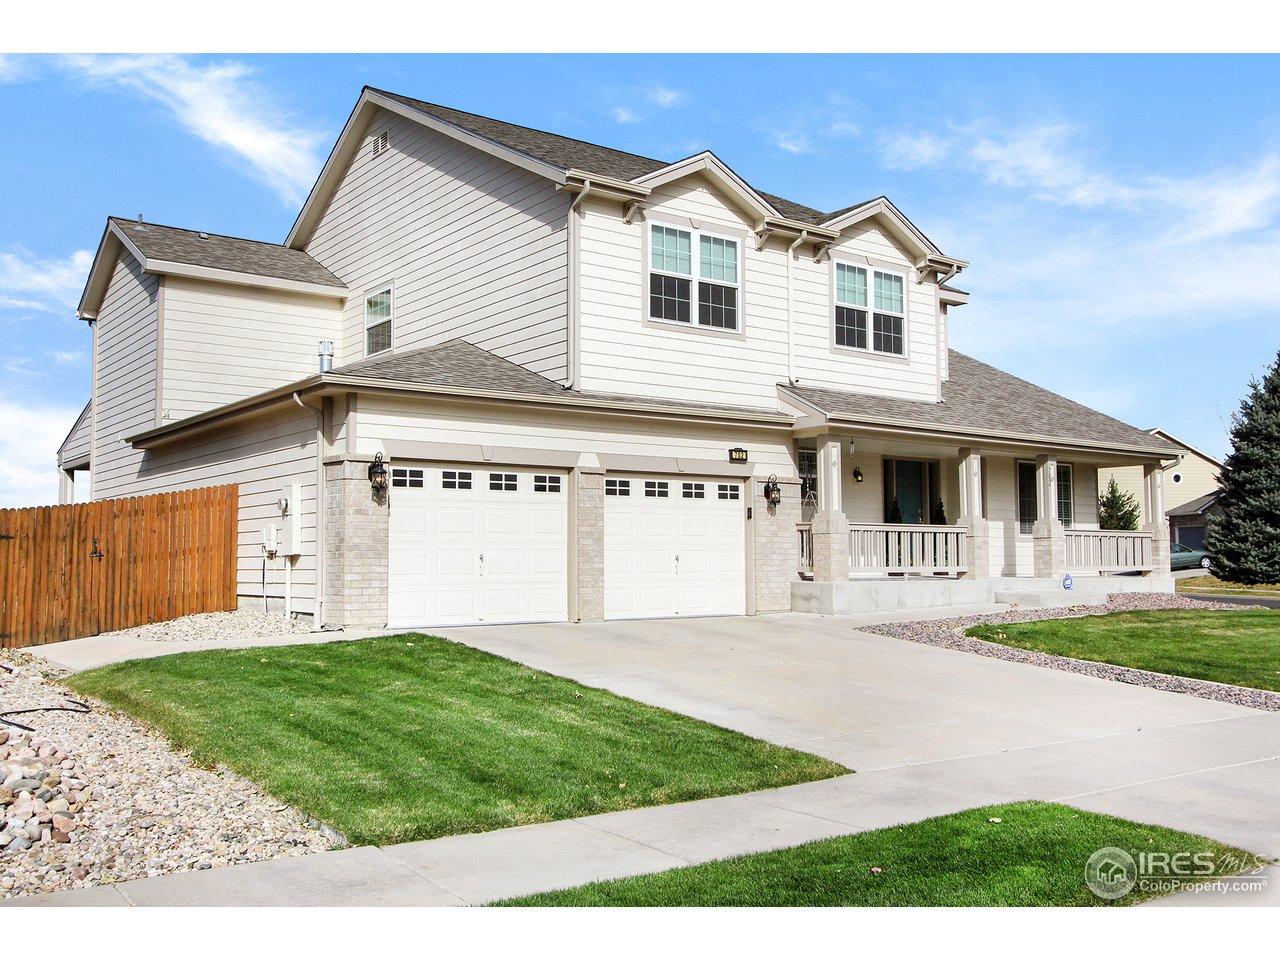 702 Prichett Ct, Fort Collins CO 80525